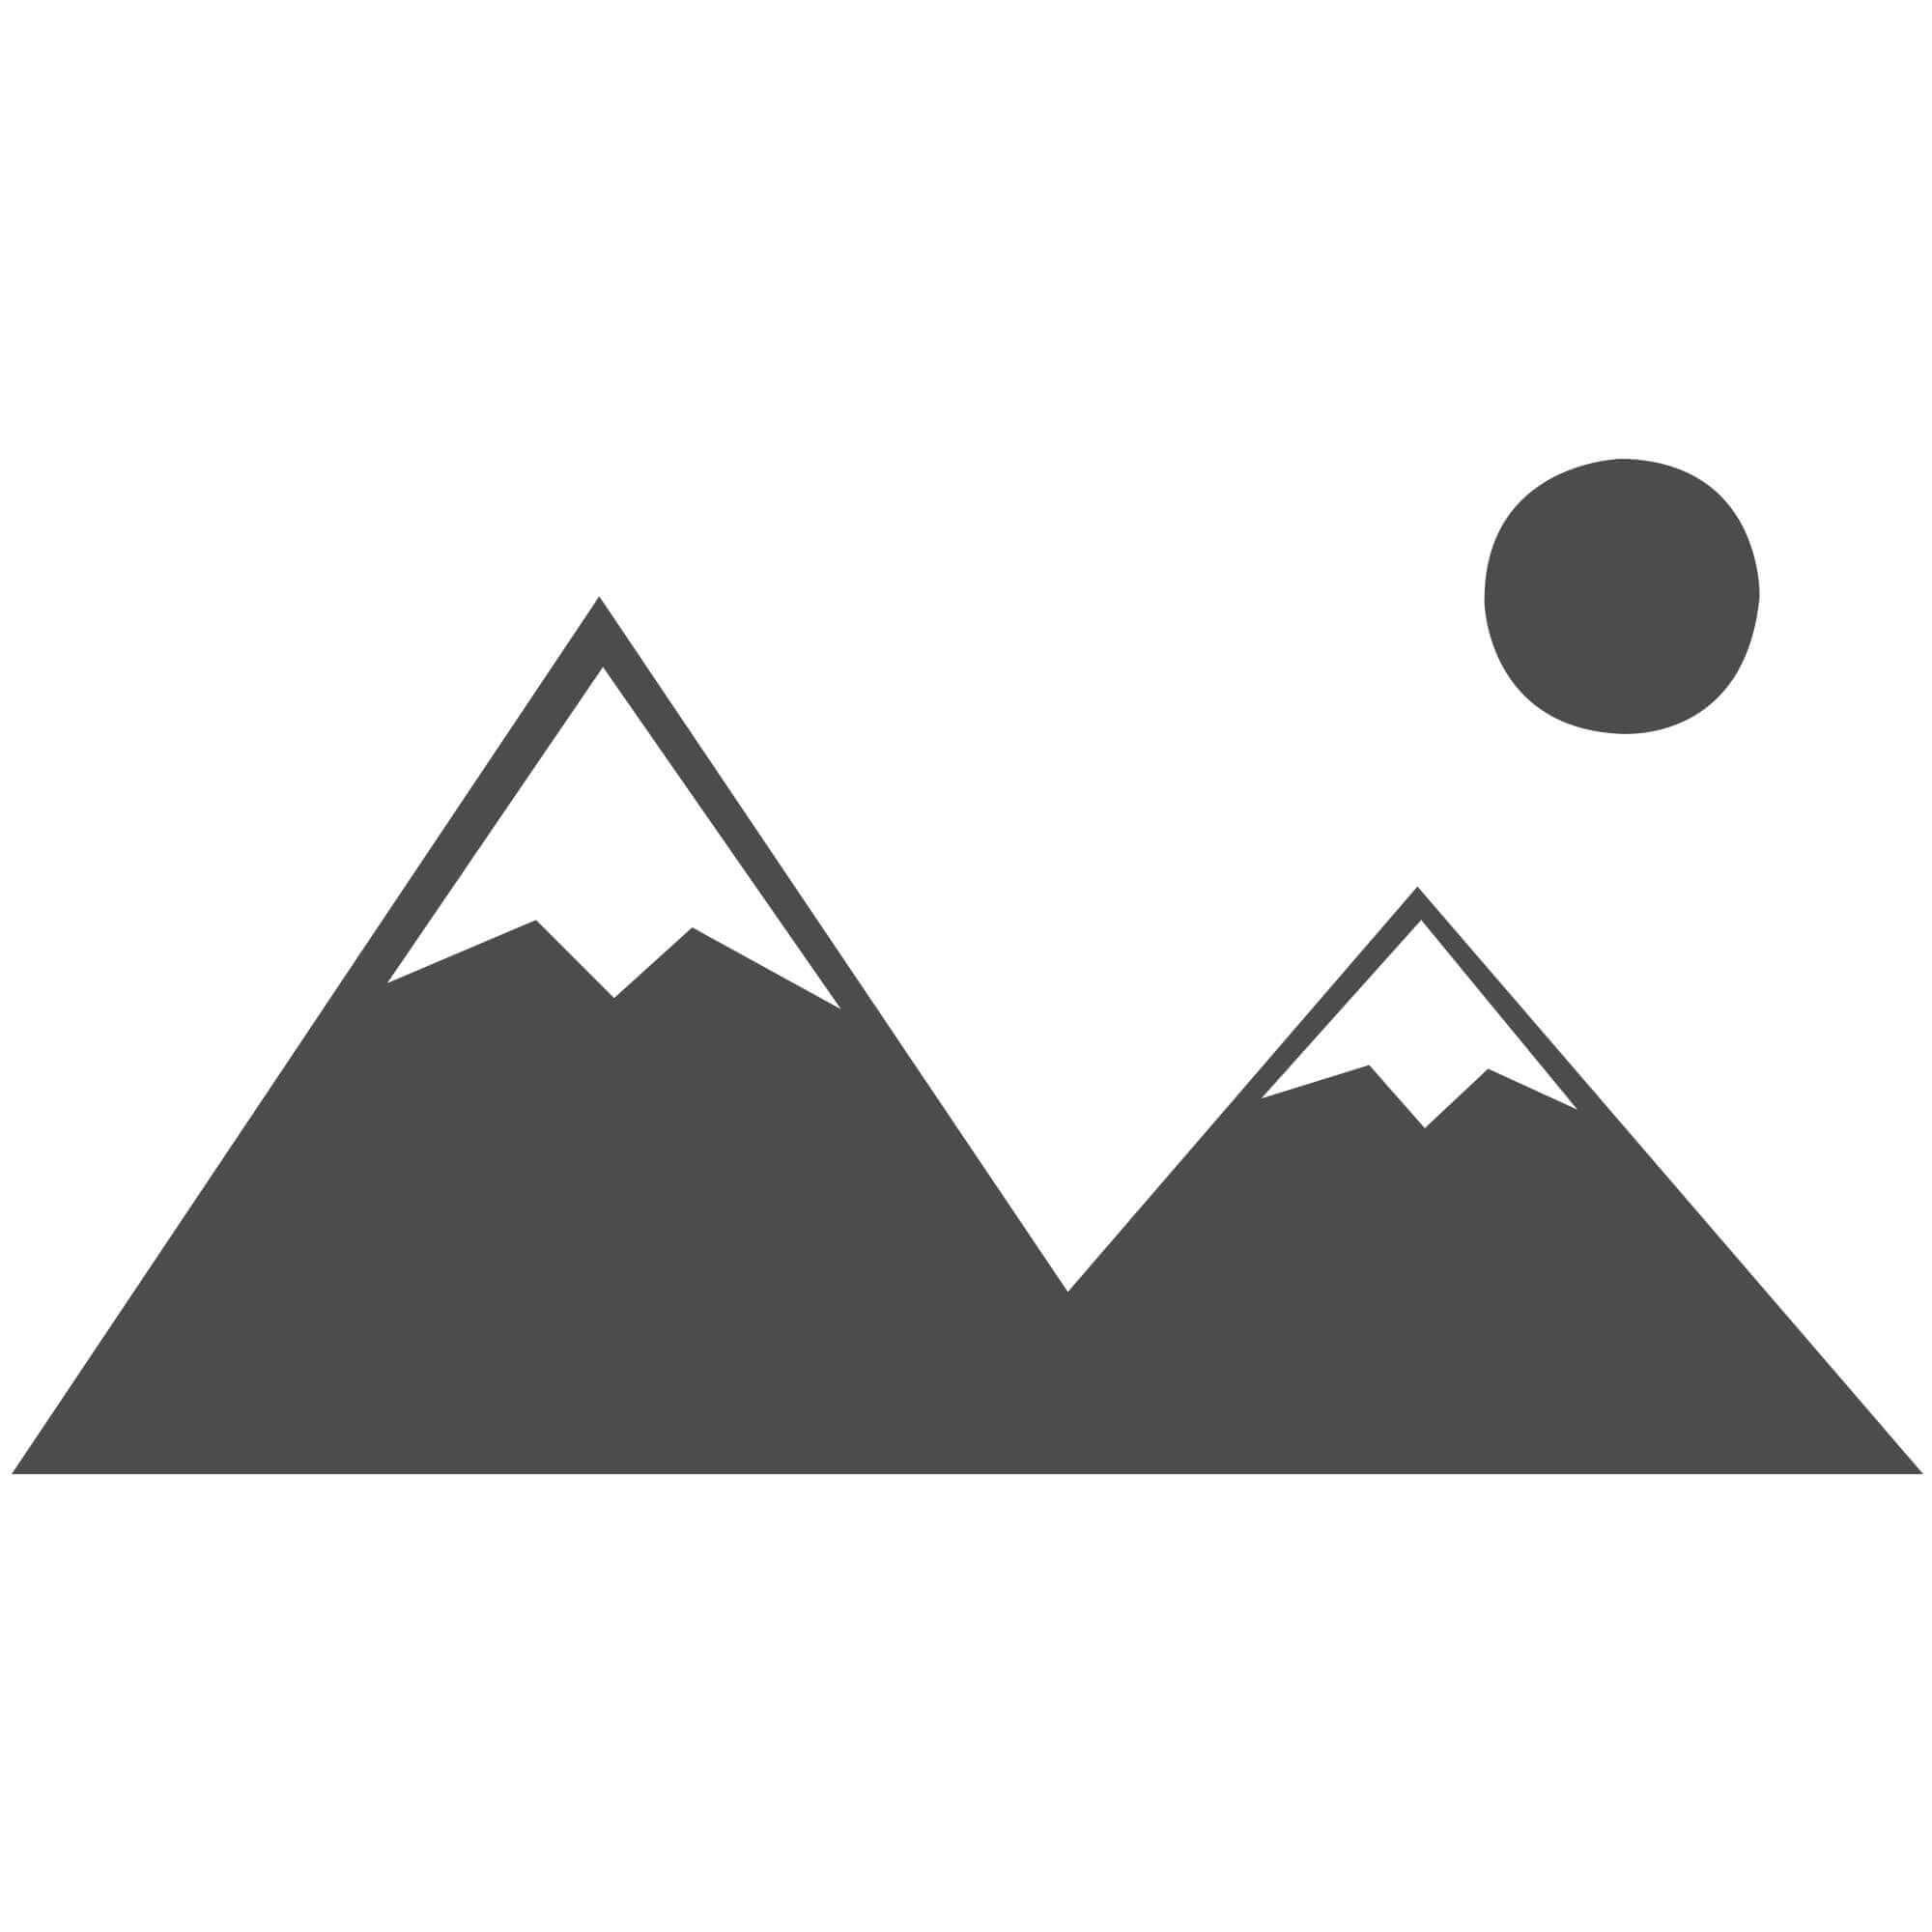 """Galleria Rug - Squares 79244 4848 - Size 240 x 330 cm (7'10"""" x 10'10"""")"""